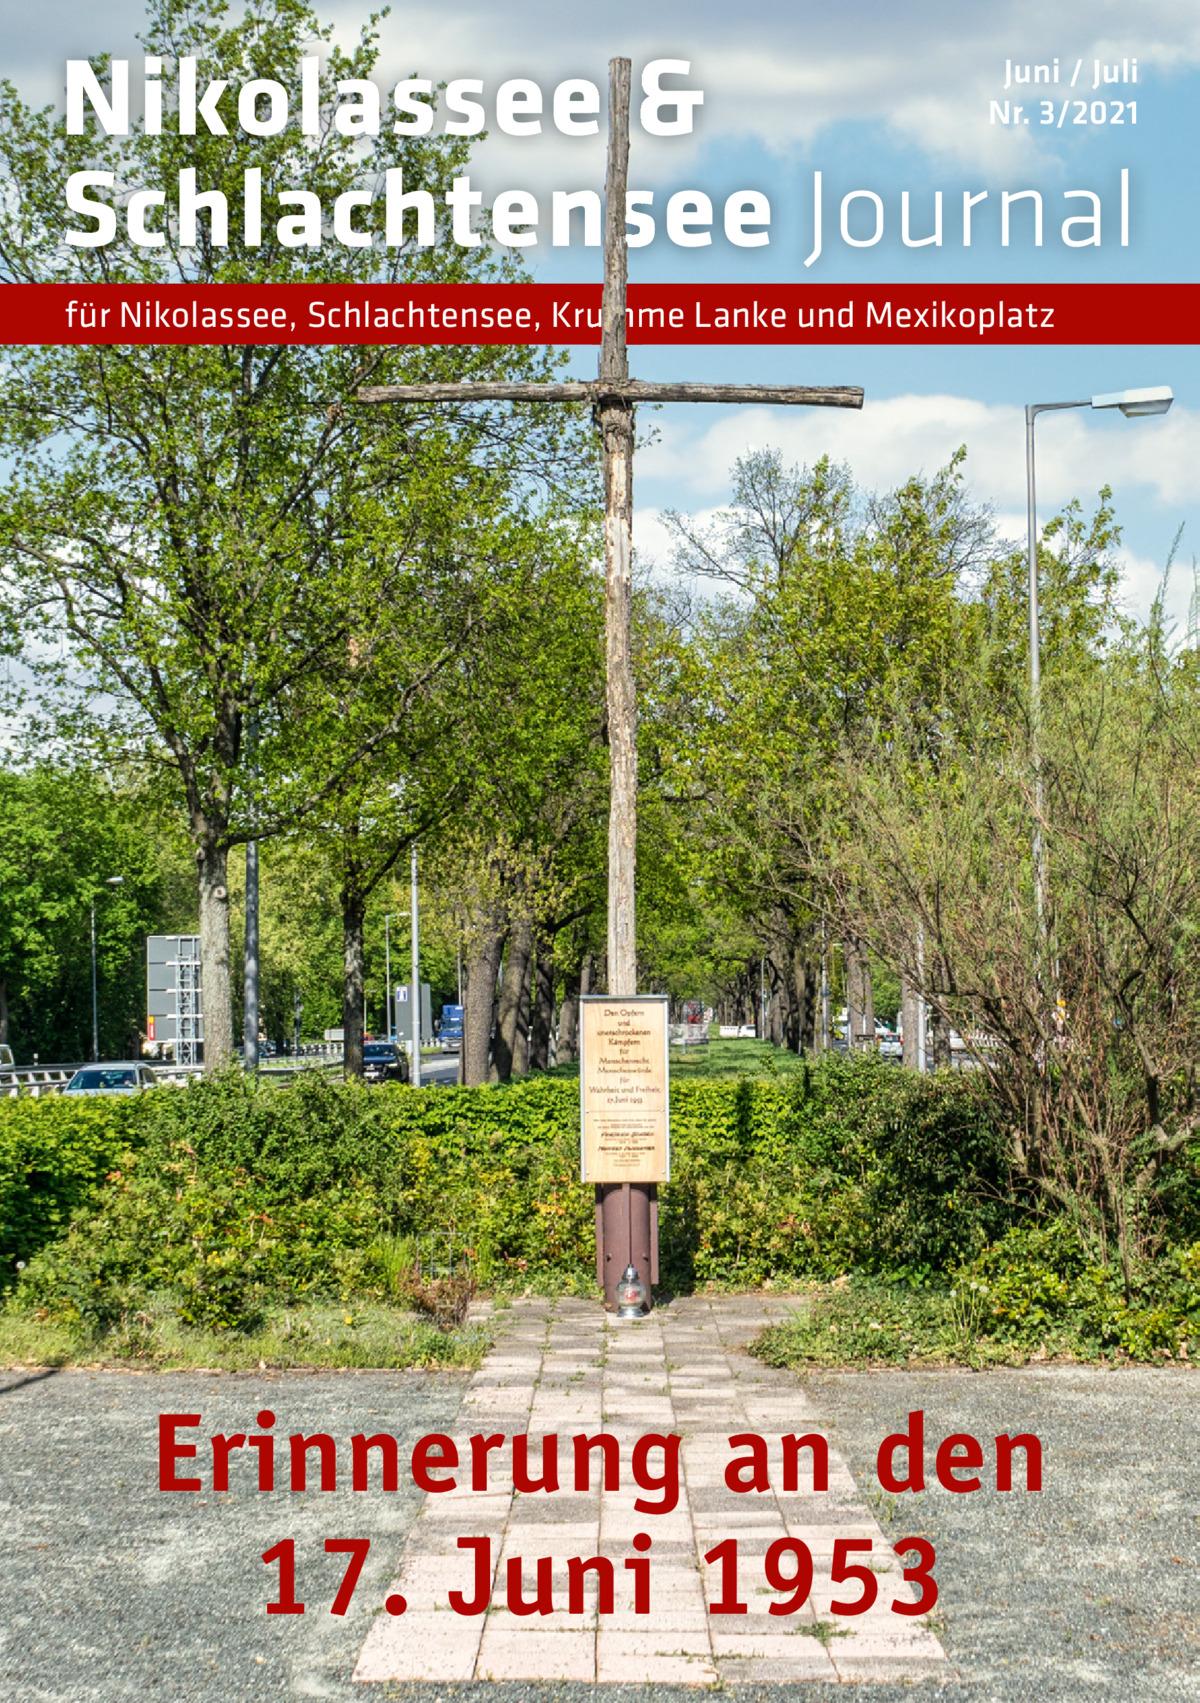 Nikolassee & Schlachtensee Journal  Juni / Juli Nr. 3/2021  für Nikolassee, Schlachtensee, Krumme Lanke und Mexikoplatz  Erinnerung an den 17.Juni 1953